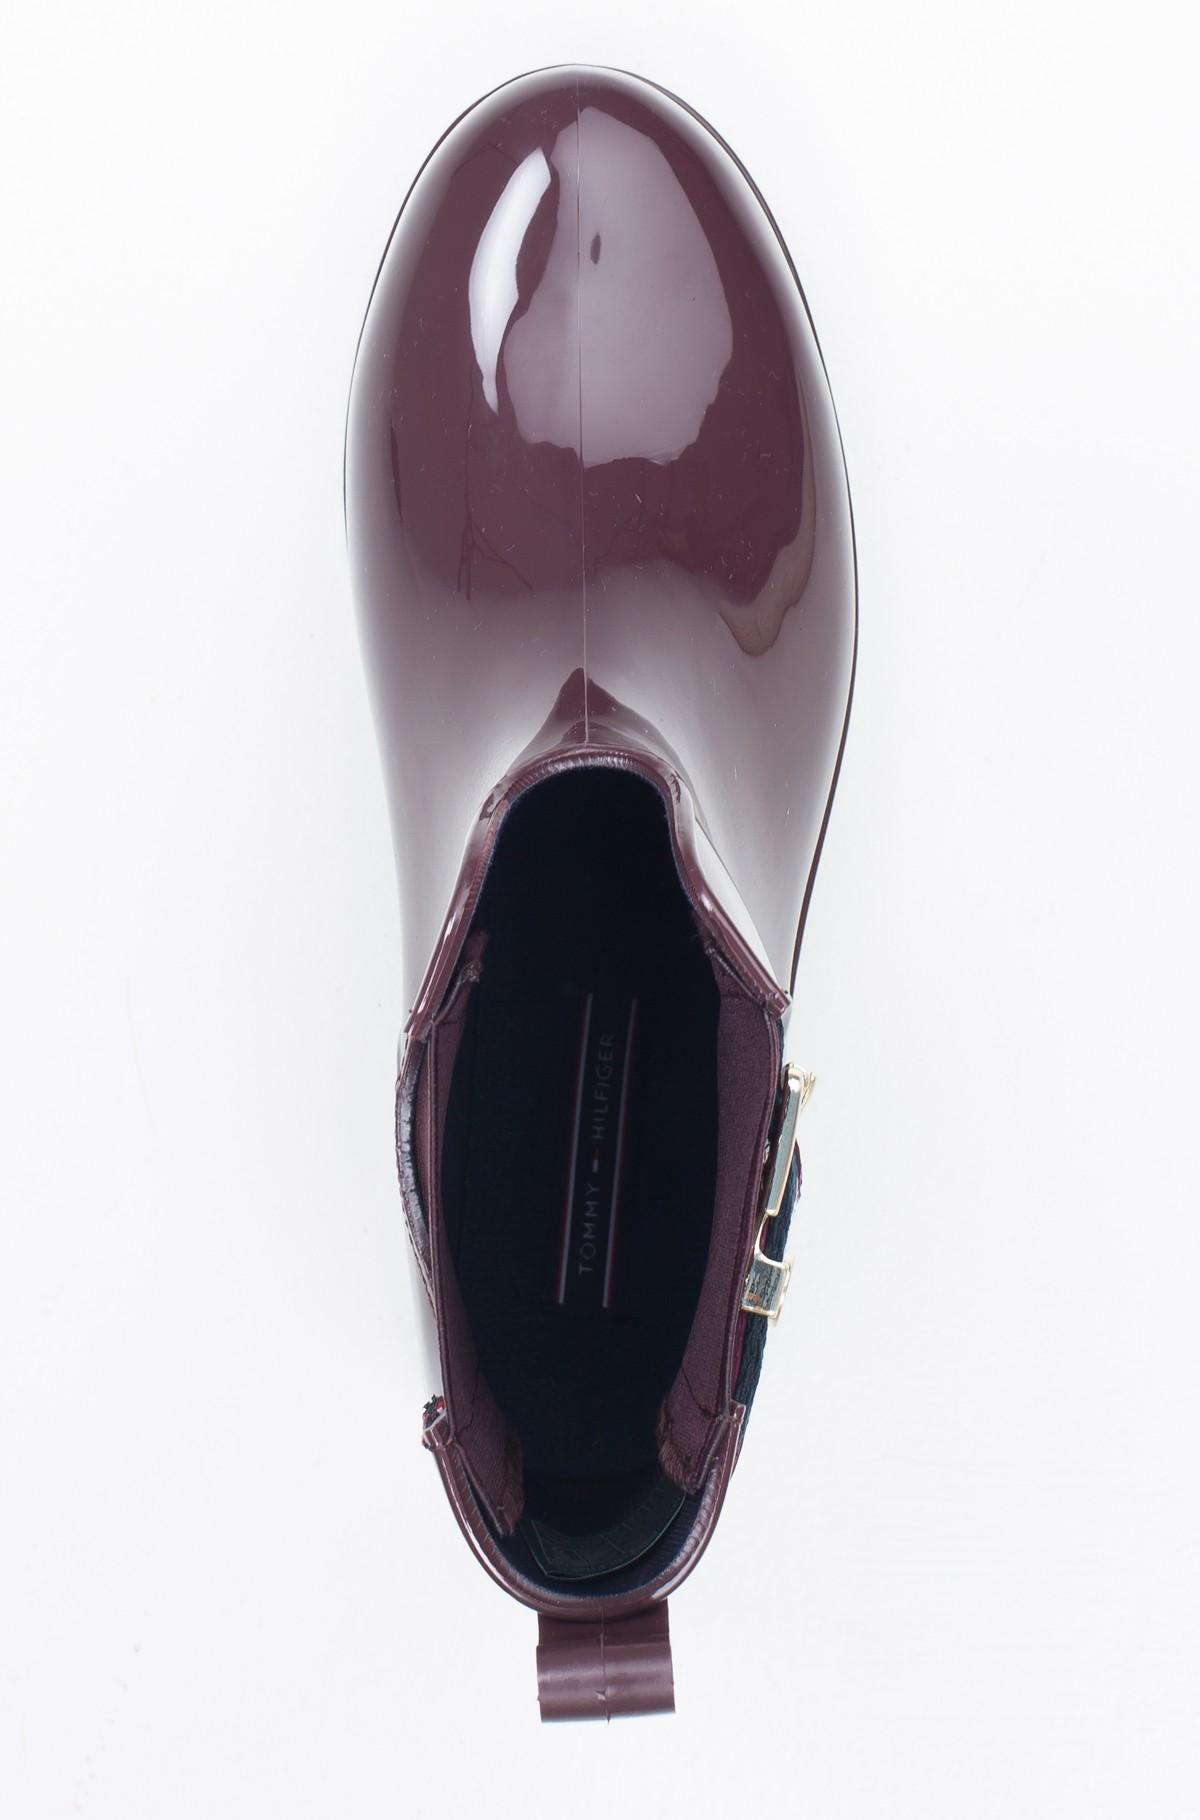 Guminiai batai CORPORATE BELT RAIN BOOT-full-3